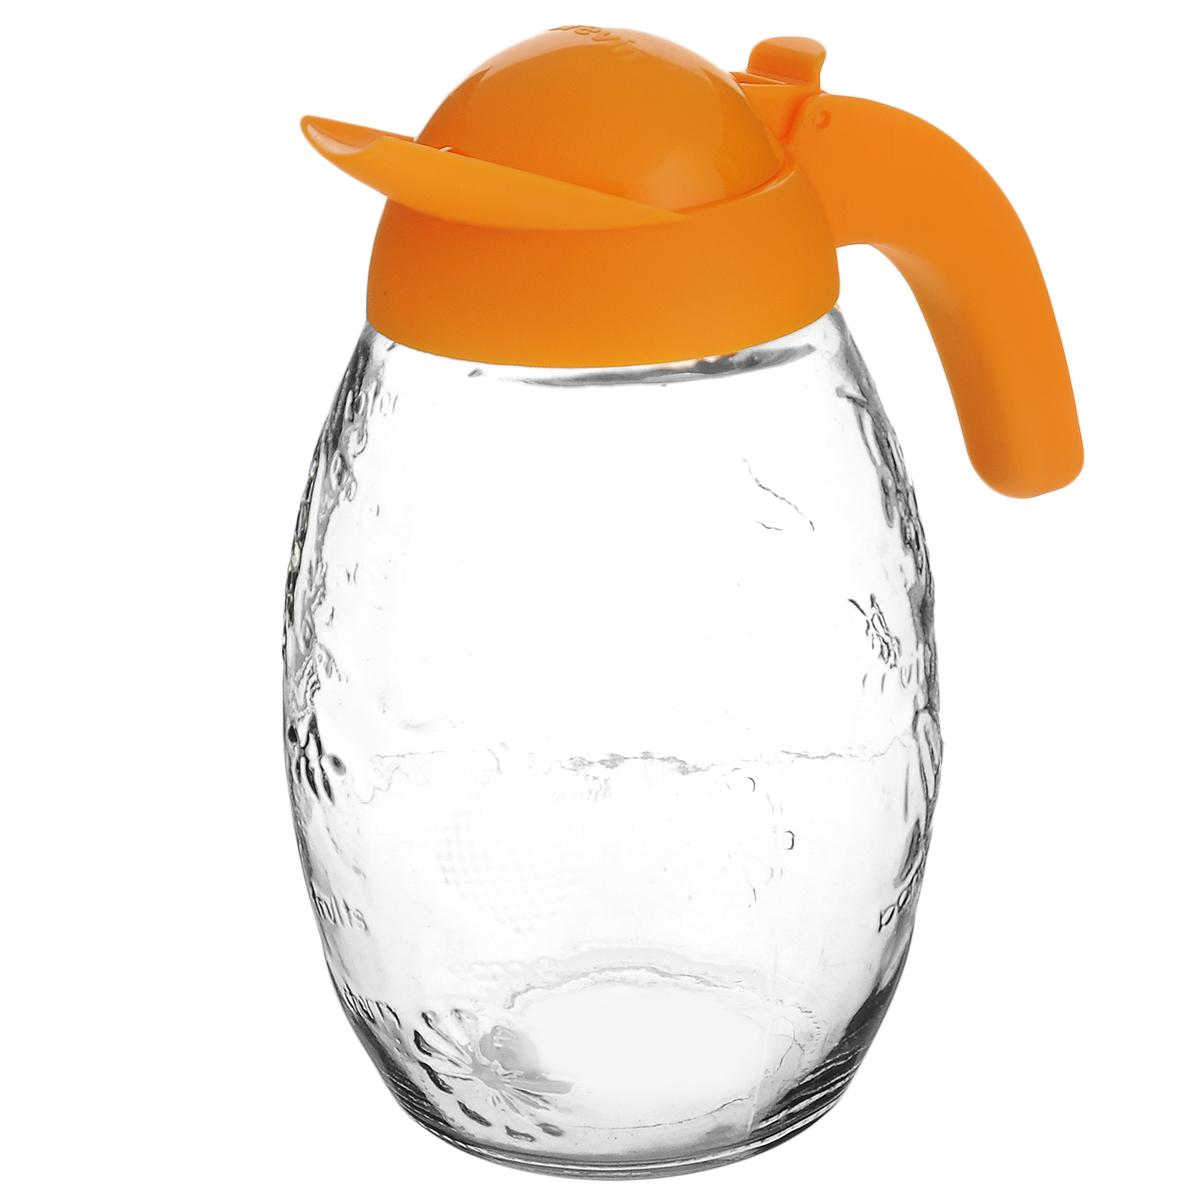 """Кувшин """"Herevin"""", выполненный из высококачественного прочного стекла, элегантно украсит ваш стол. Кувшин оснащен удобной ручкой и откидной пластиковой крышкой. Кувшин прост в использовании, достаточно просто наклонить его и налить ваш любимый напиток. Форма крышки обеспечивает наливание жидкости без расплескивания. Изделие прекрасно подойдет для подачи воды, сока, компота и других напитков.  Кувшин """"Herevin"""" дополнит интерьер вашей кухни и станет замечательным подарком к любому празднику. Диаметр (по верхнему краю): 6 см. Высота кувшина (без учета крышки): 18 см."""